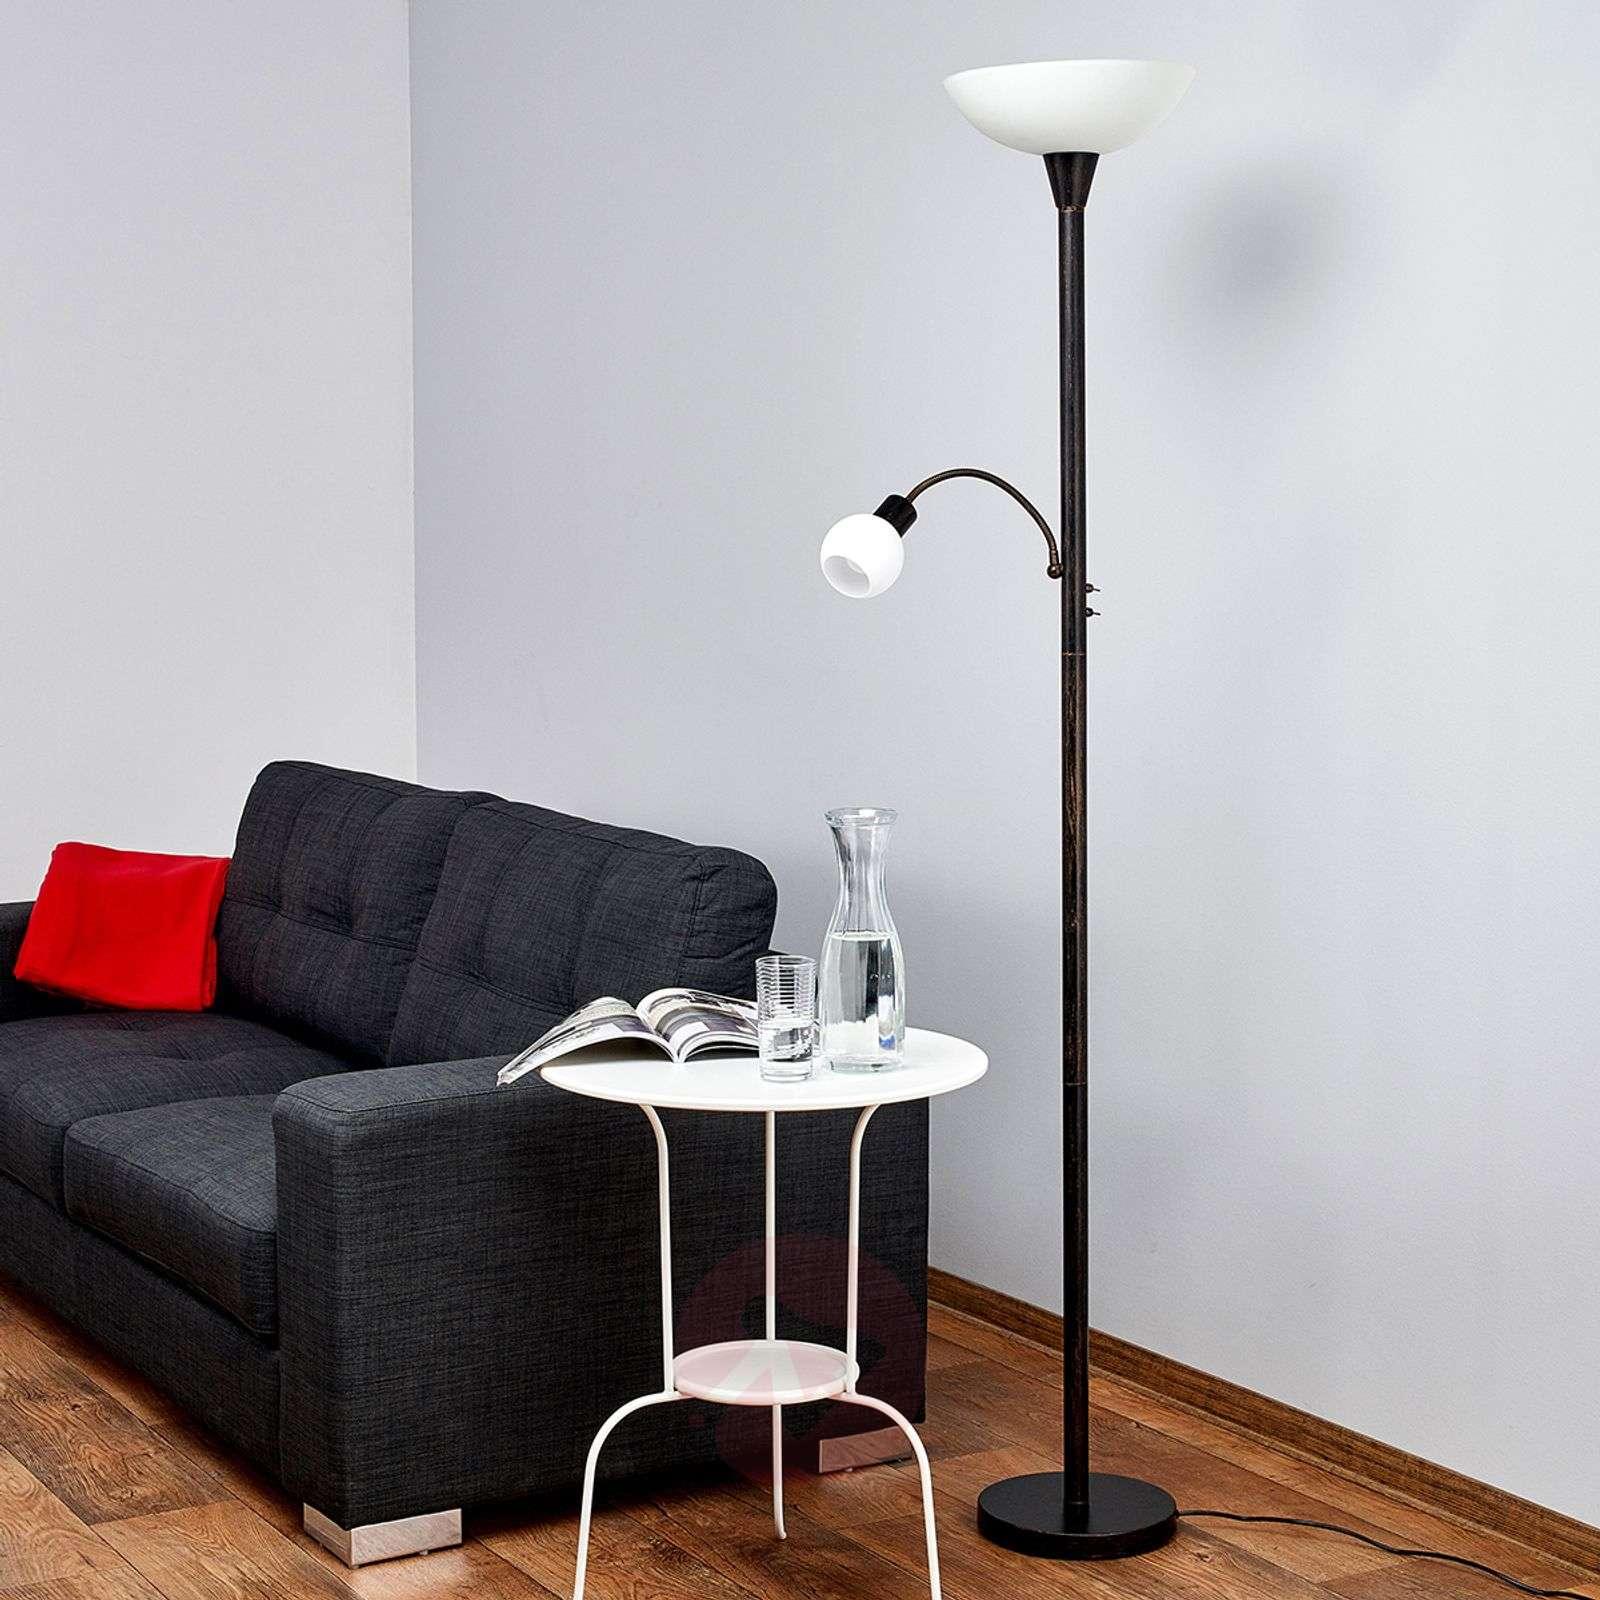 Ruosteenvärinen Elaina LED-jalkalamppu lukuvalolla-9620010-01